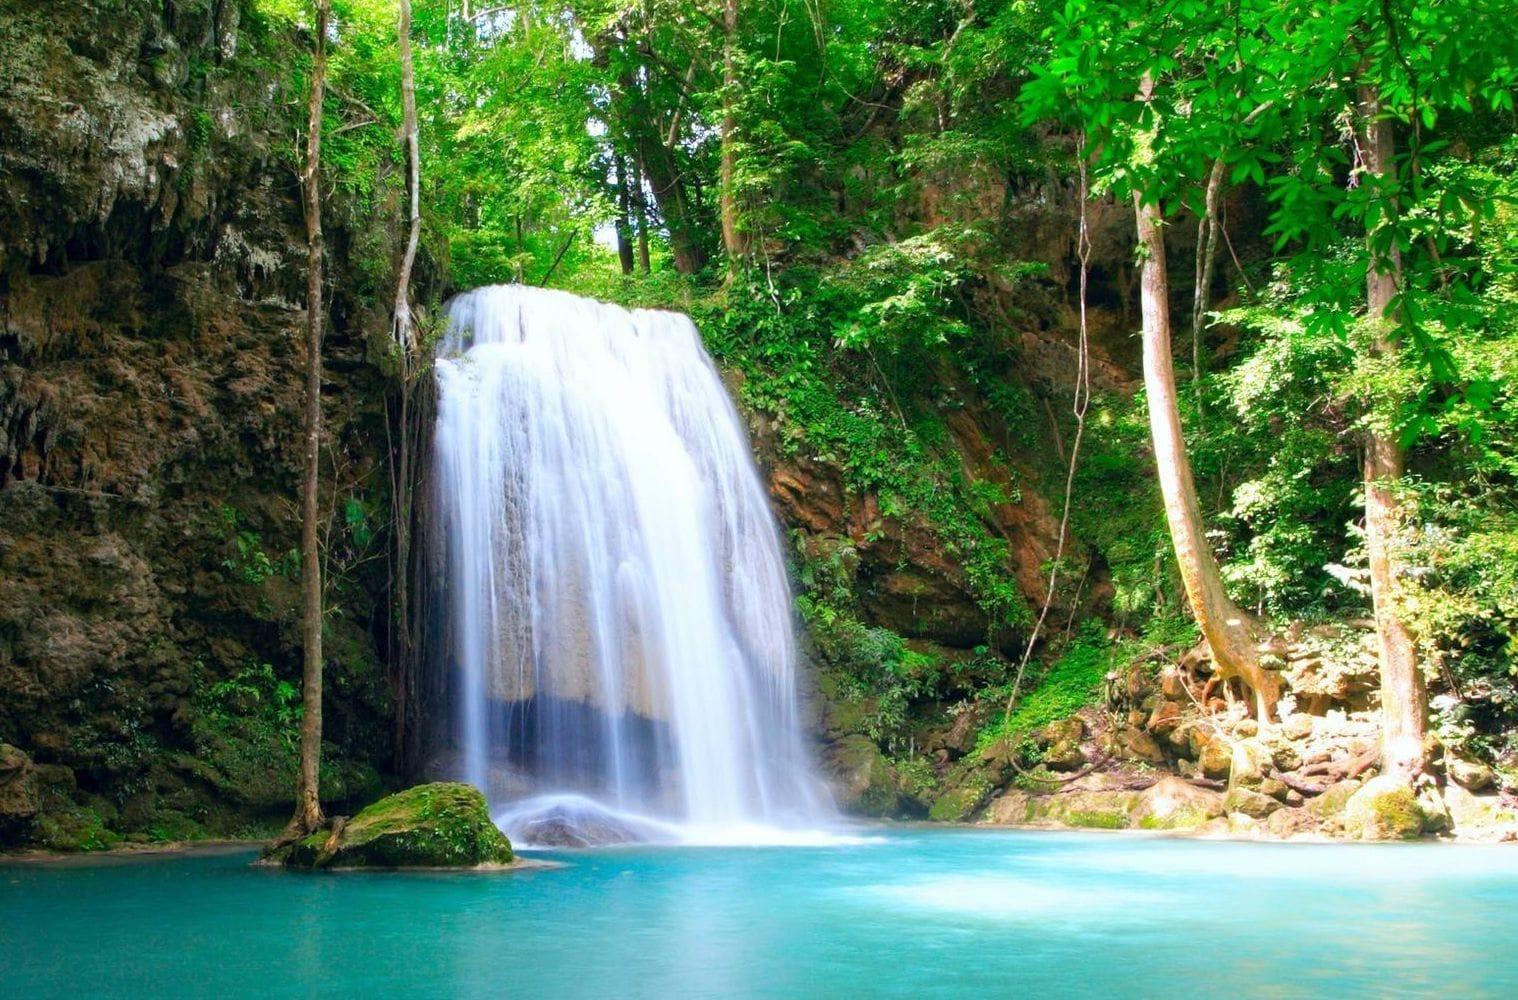 چشمه آب معدنی کرست در ارتفاعات قلعه رودخان